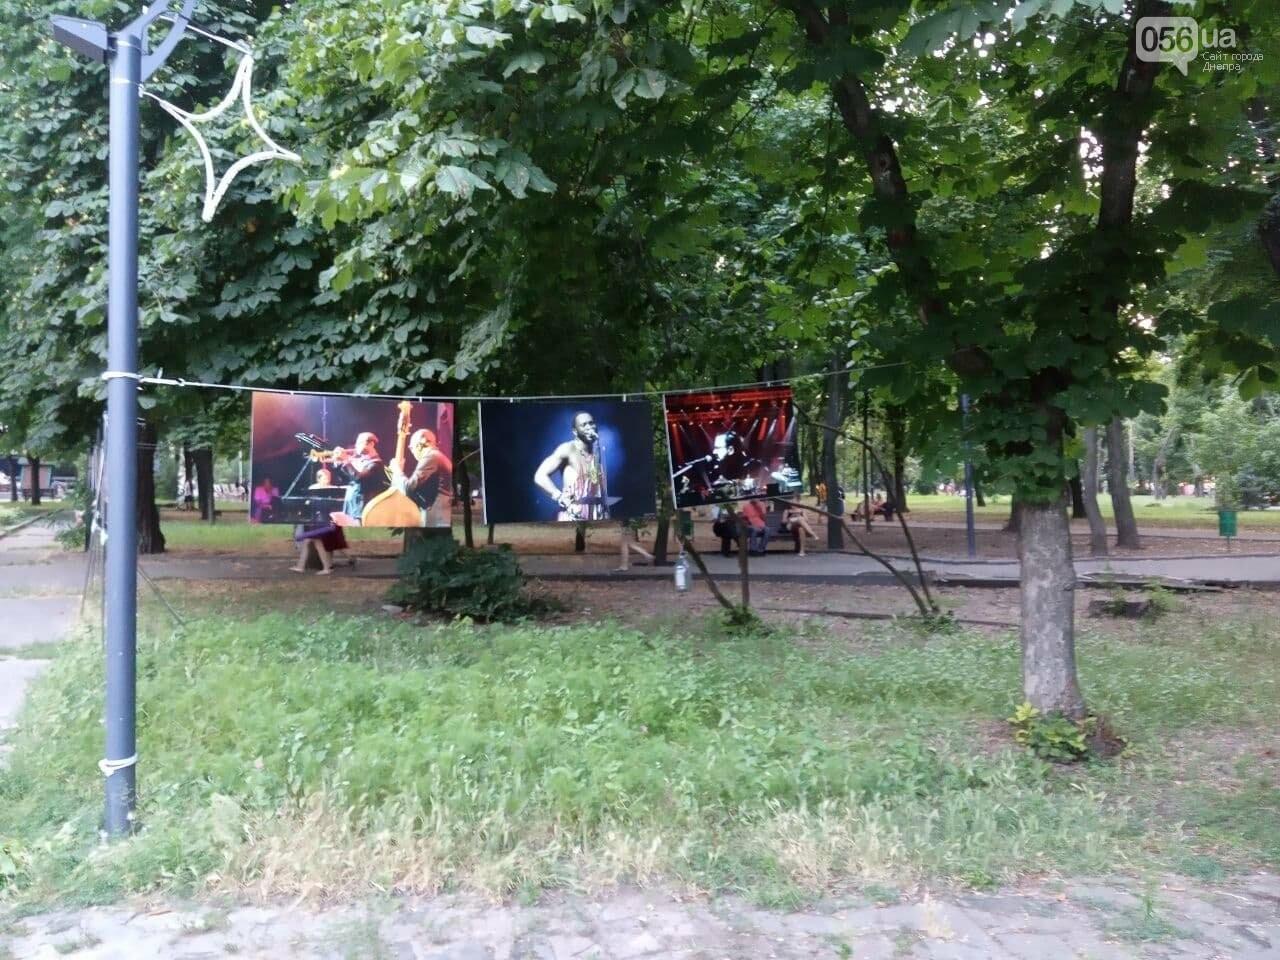 В Днепре по всей территории парка Шевченко звучит музыка нон-стоп, - ФОТО, ВИДЕО, фото-36